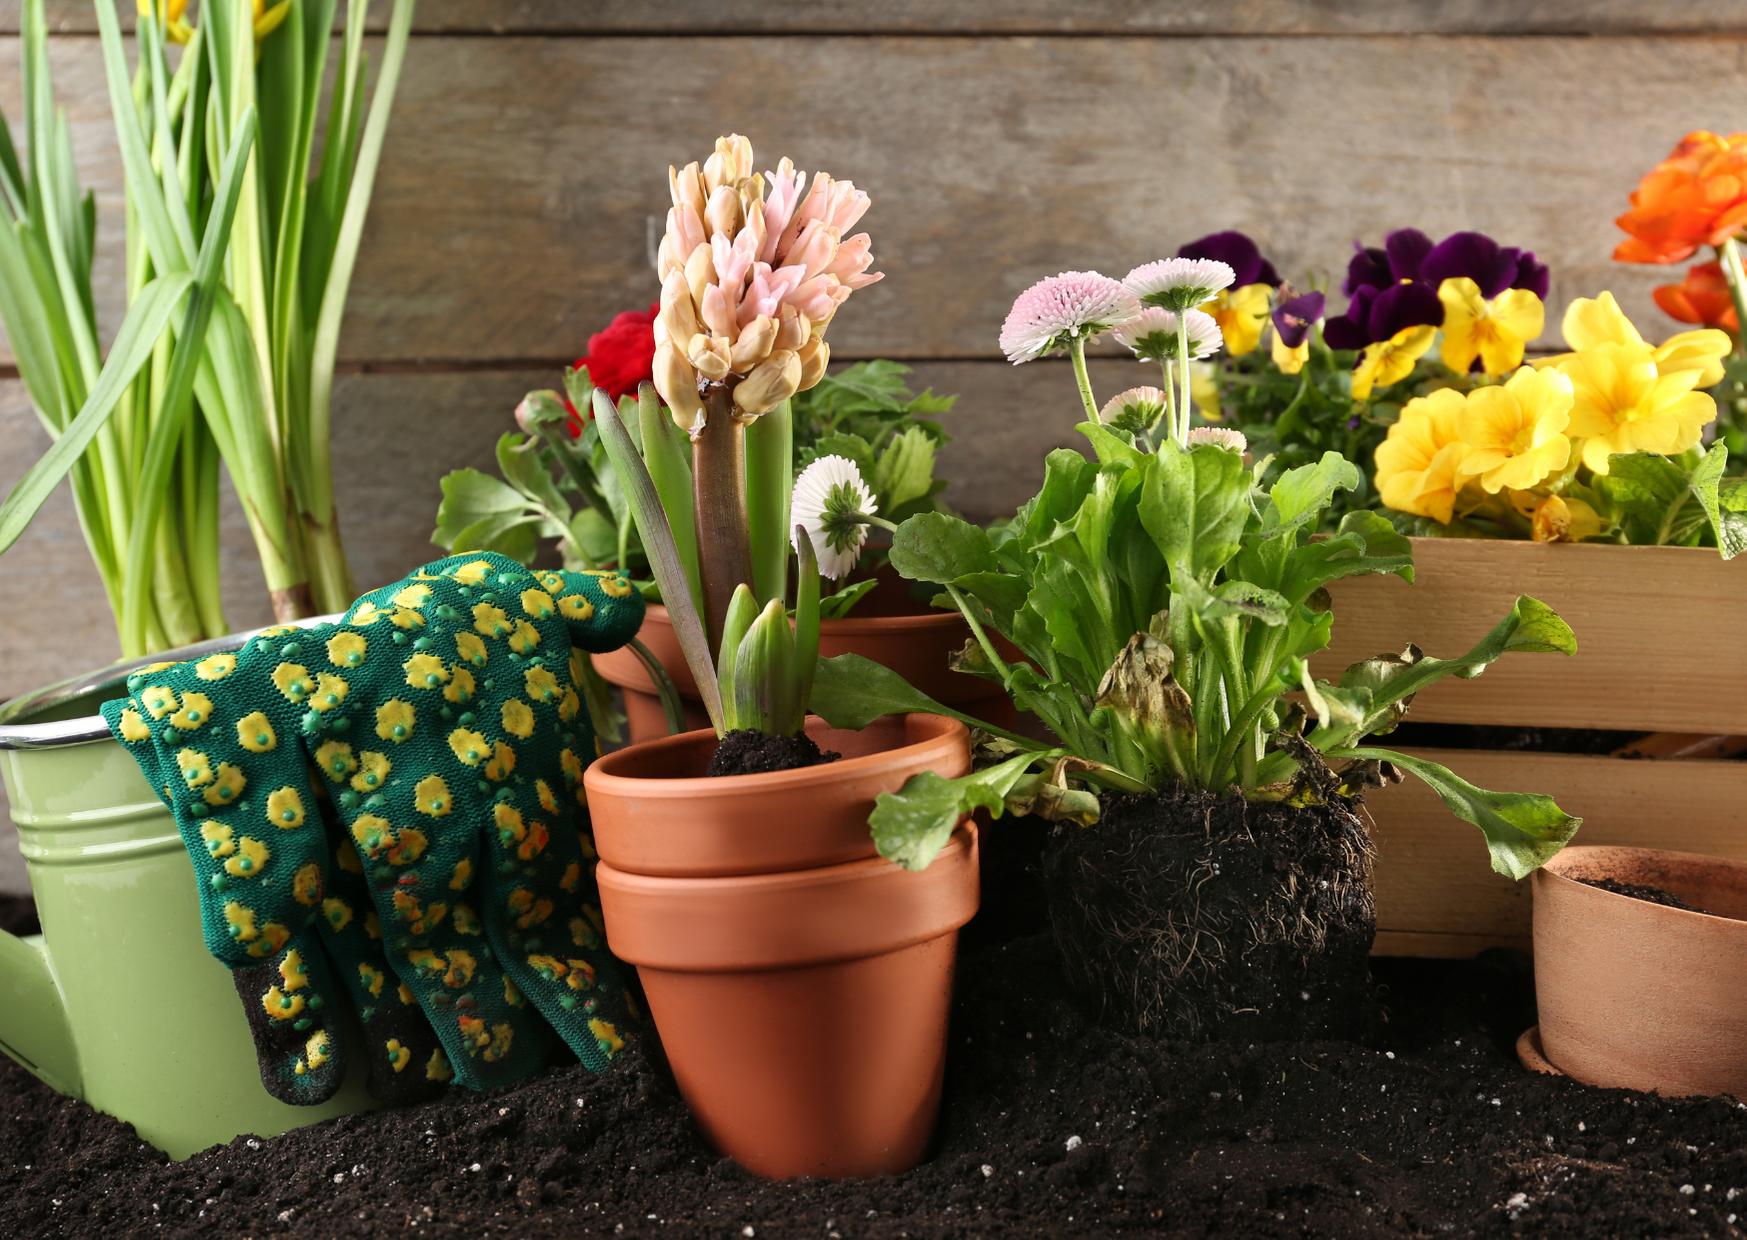 Plants in pot using soil